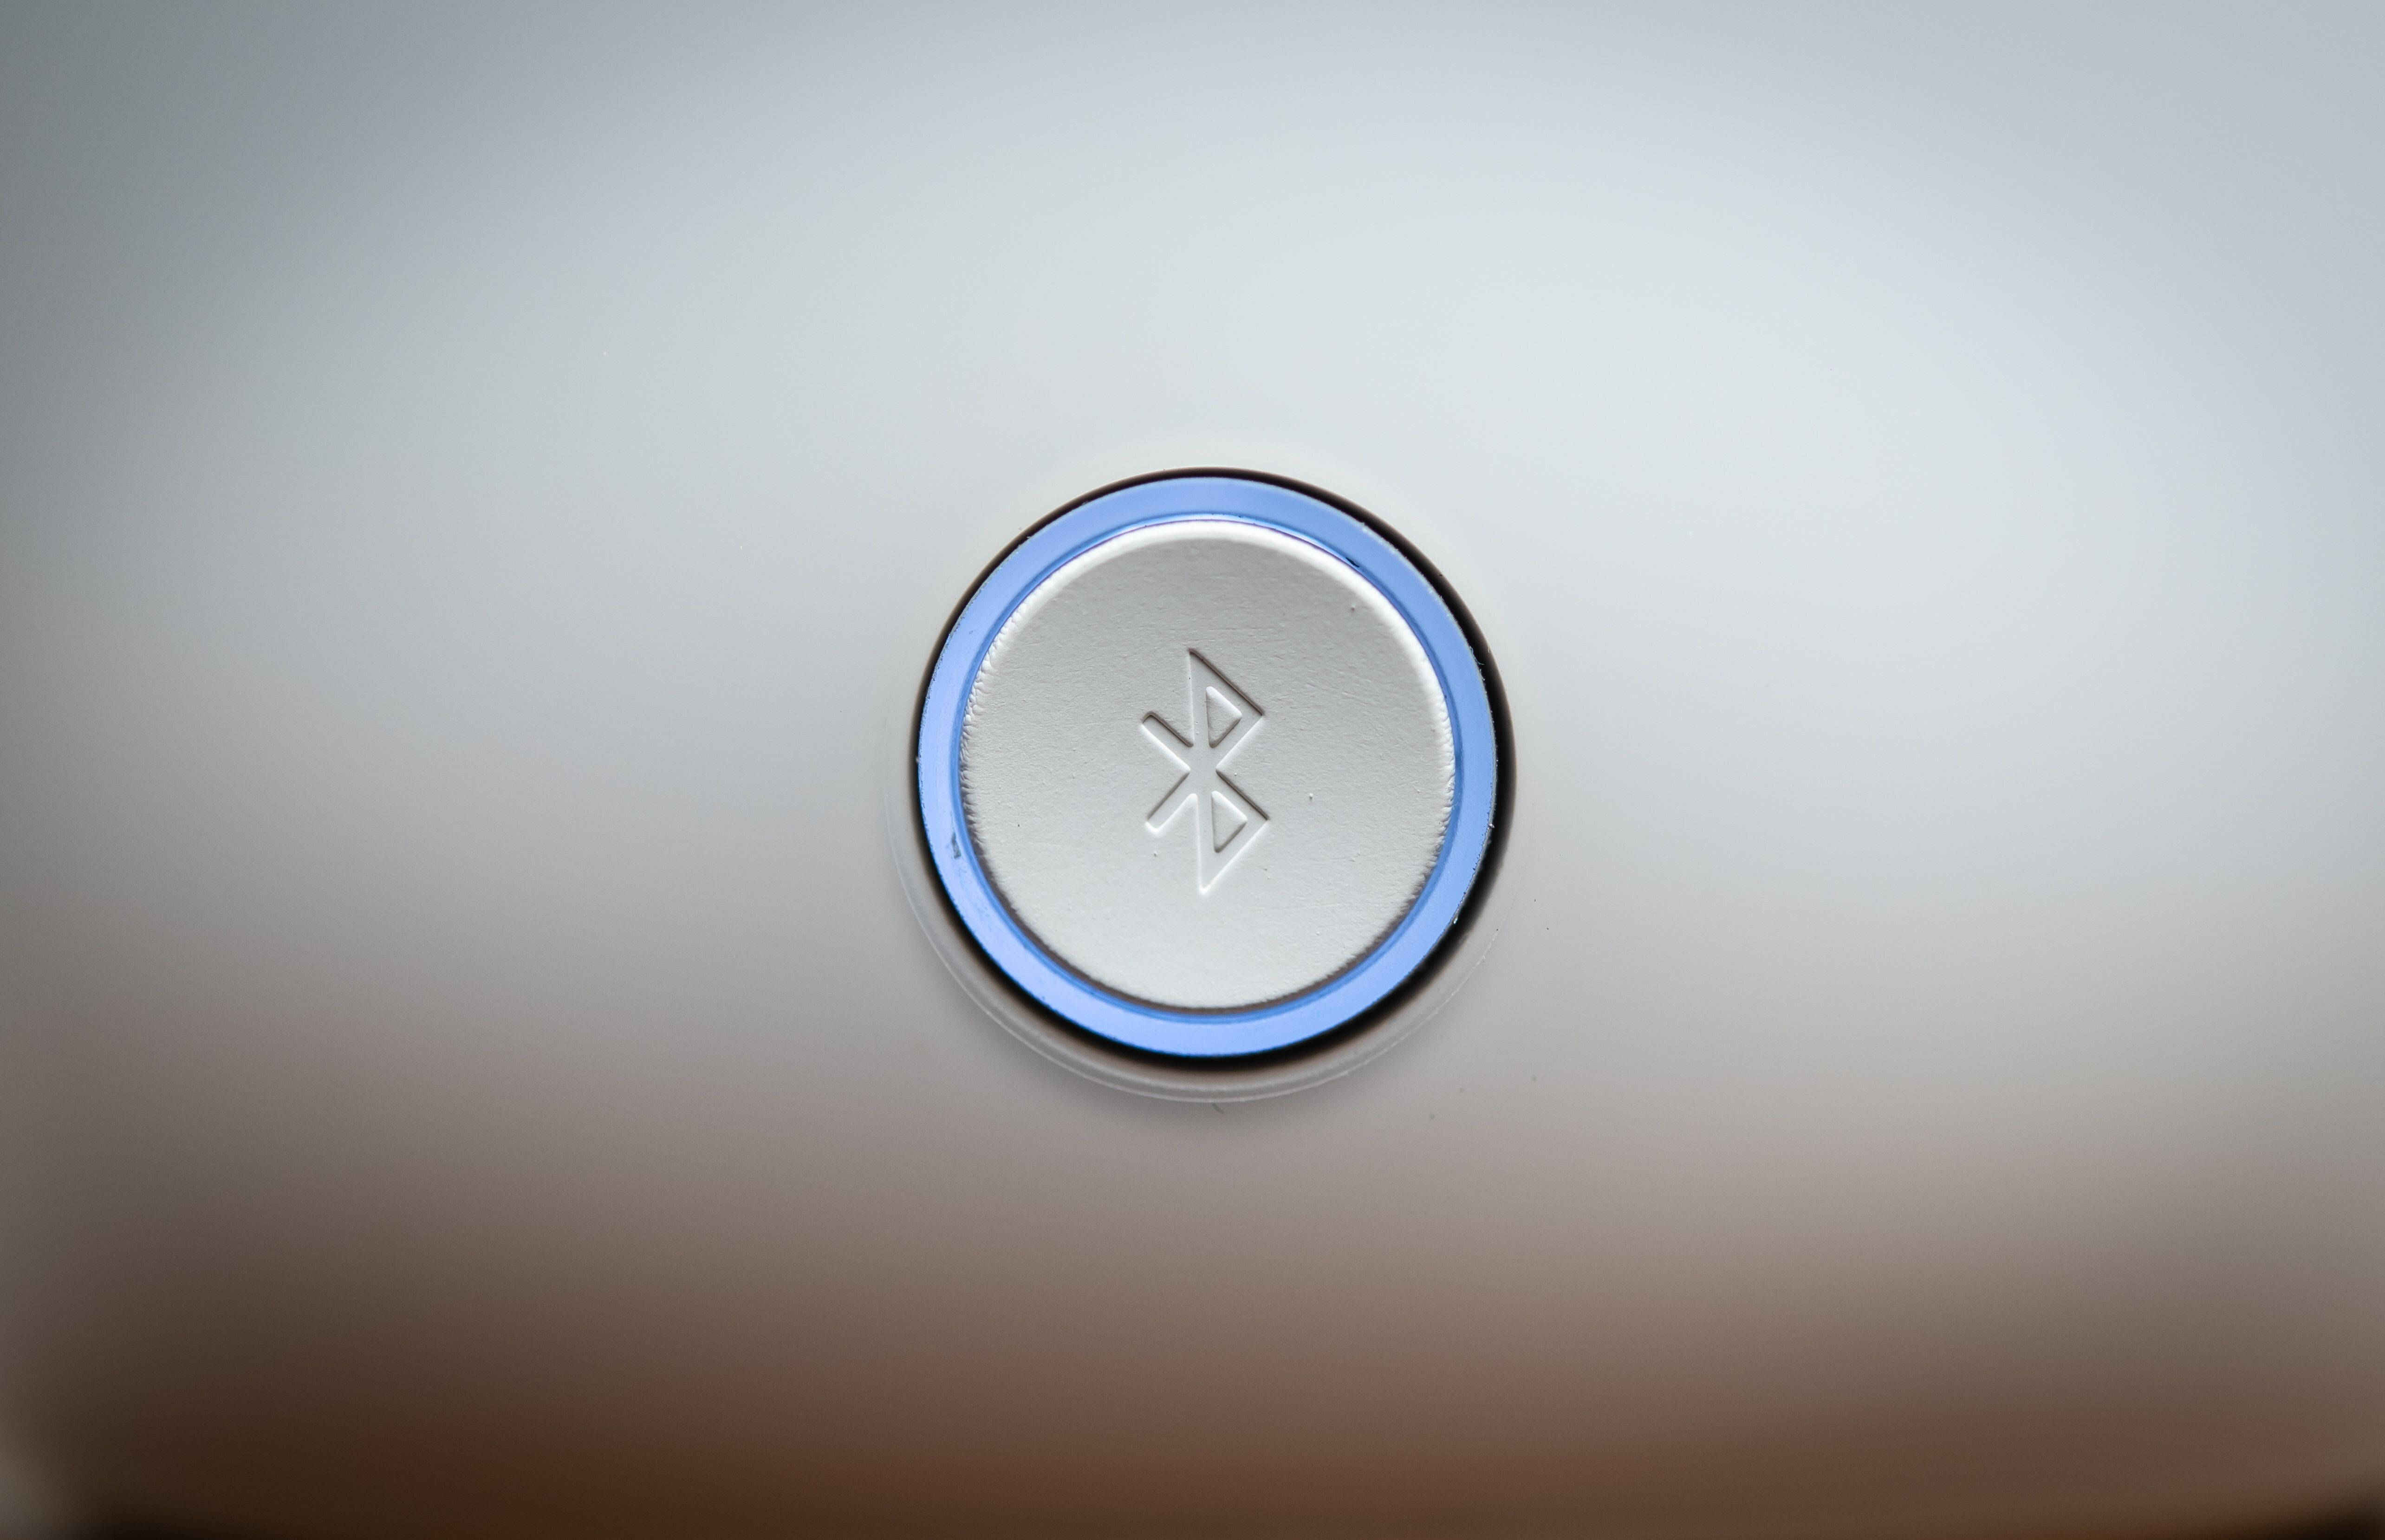 The Bluetooth logo stems from Scandinavian